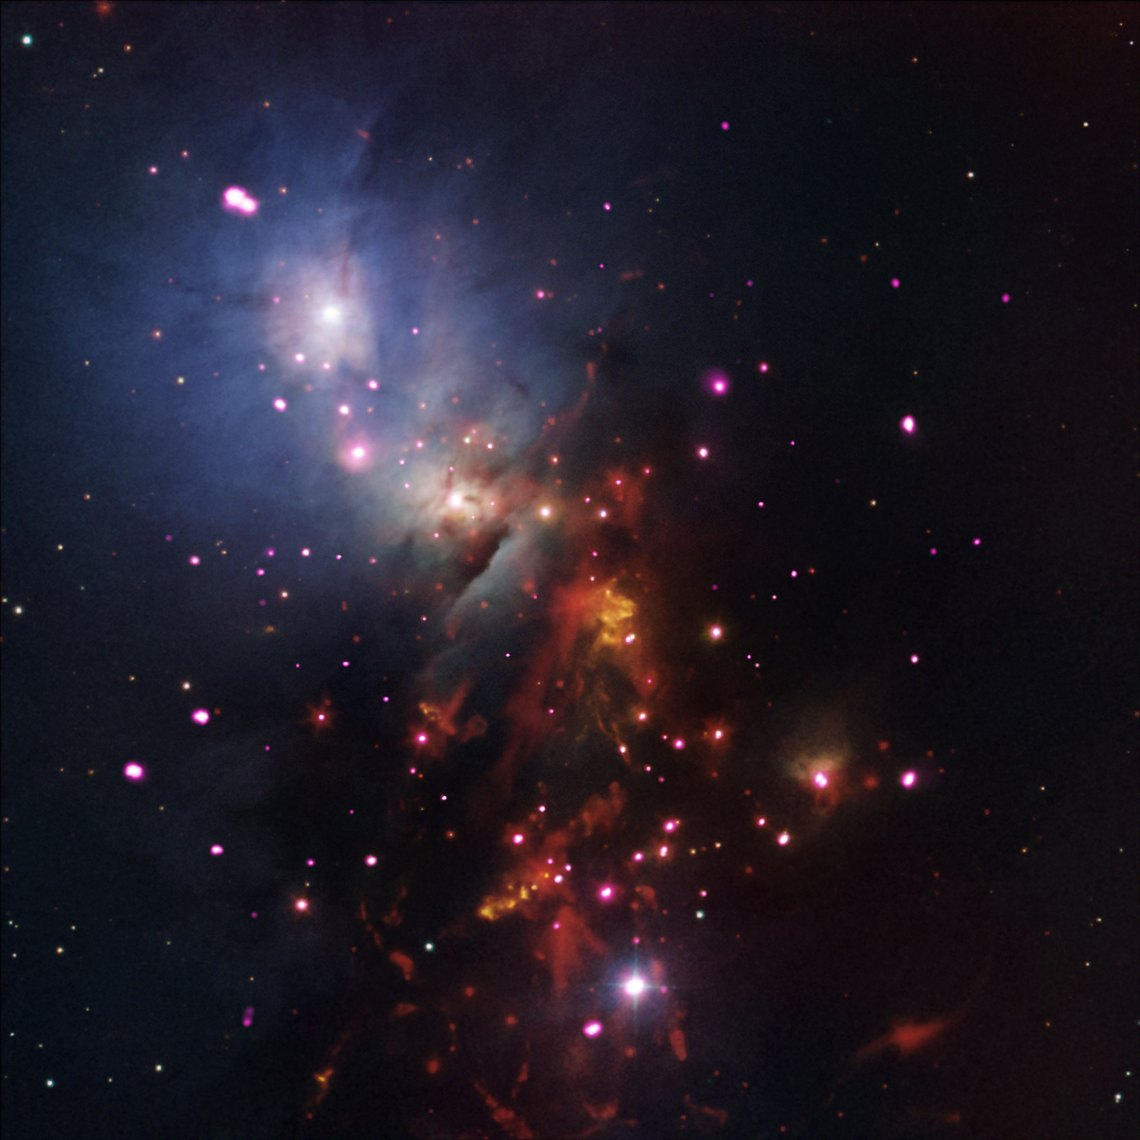 Credit: NASA/CXC/JPL-Caltech/NOAO/DSS